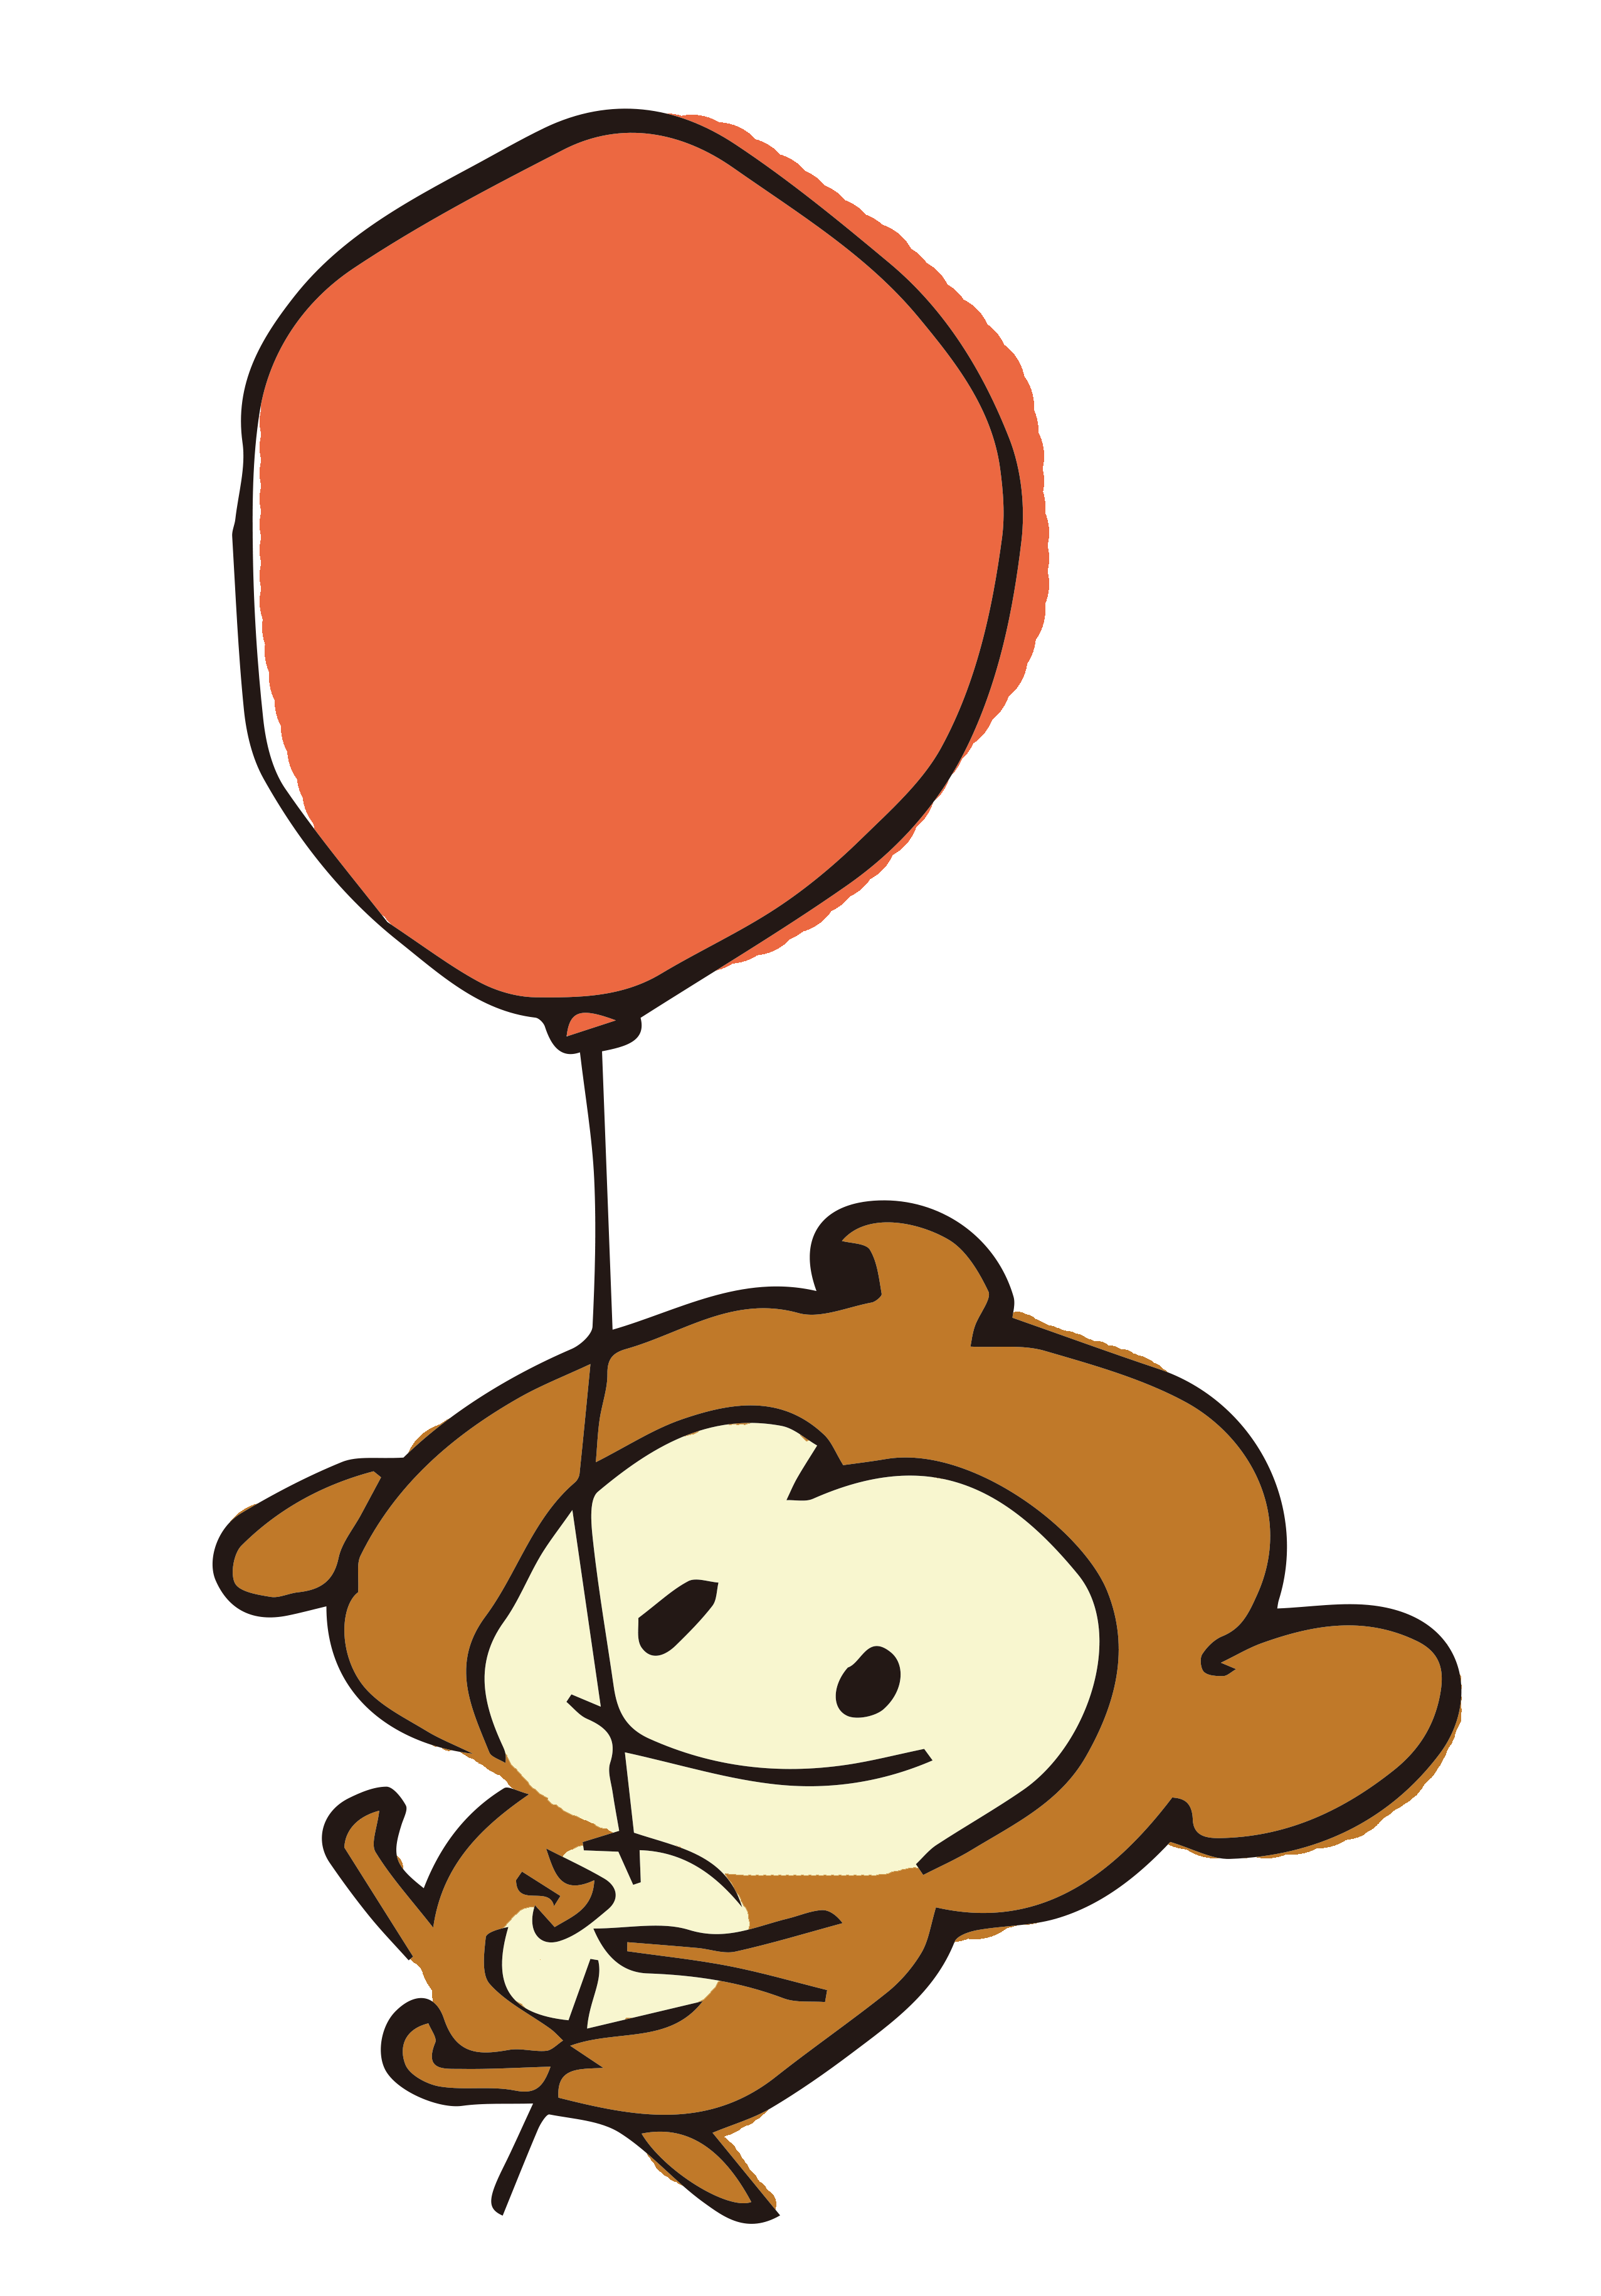 風船をもっているお猿さん